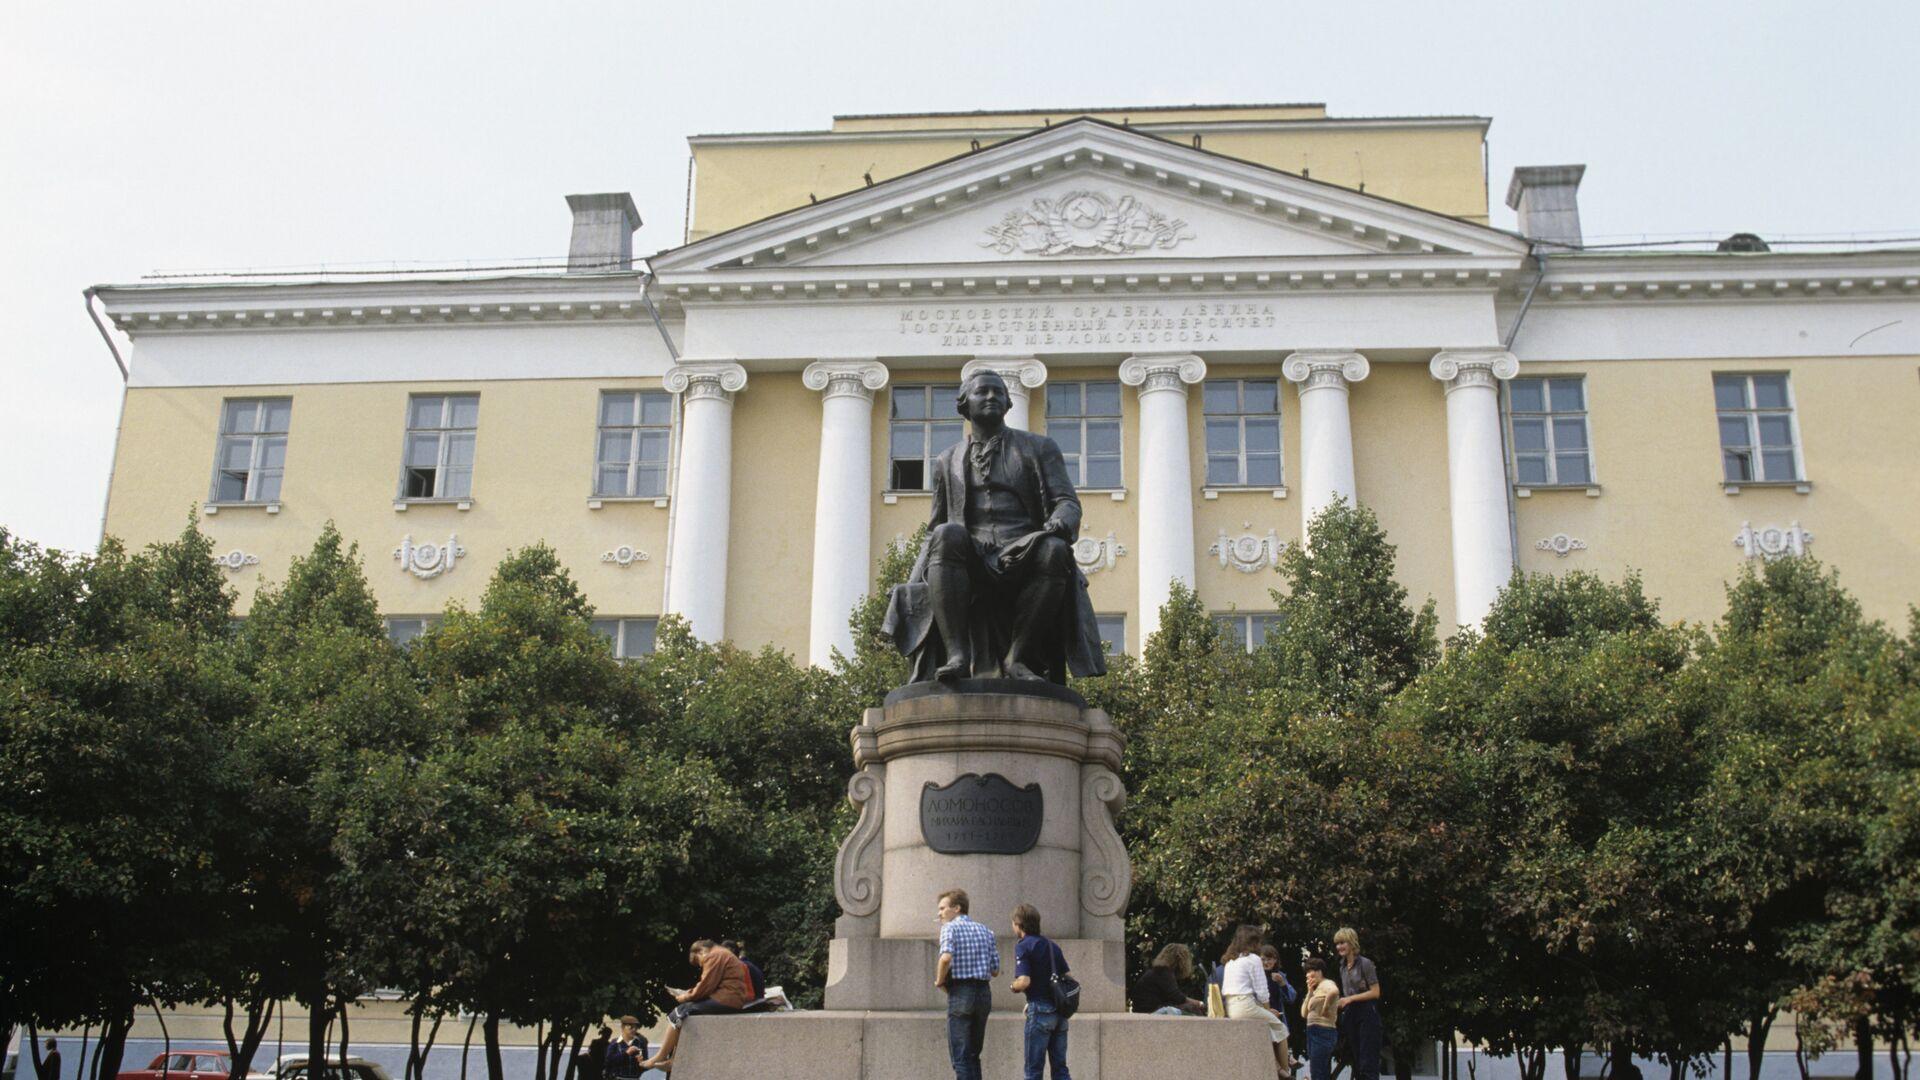 Старое здание Московского государственного университета имени М.В. Ломоносова - РИА Новости, 1920, 01.08.2021